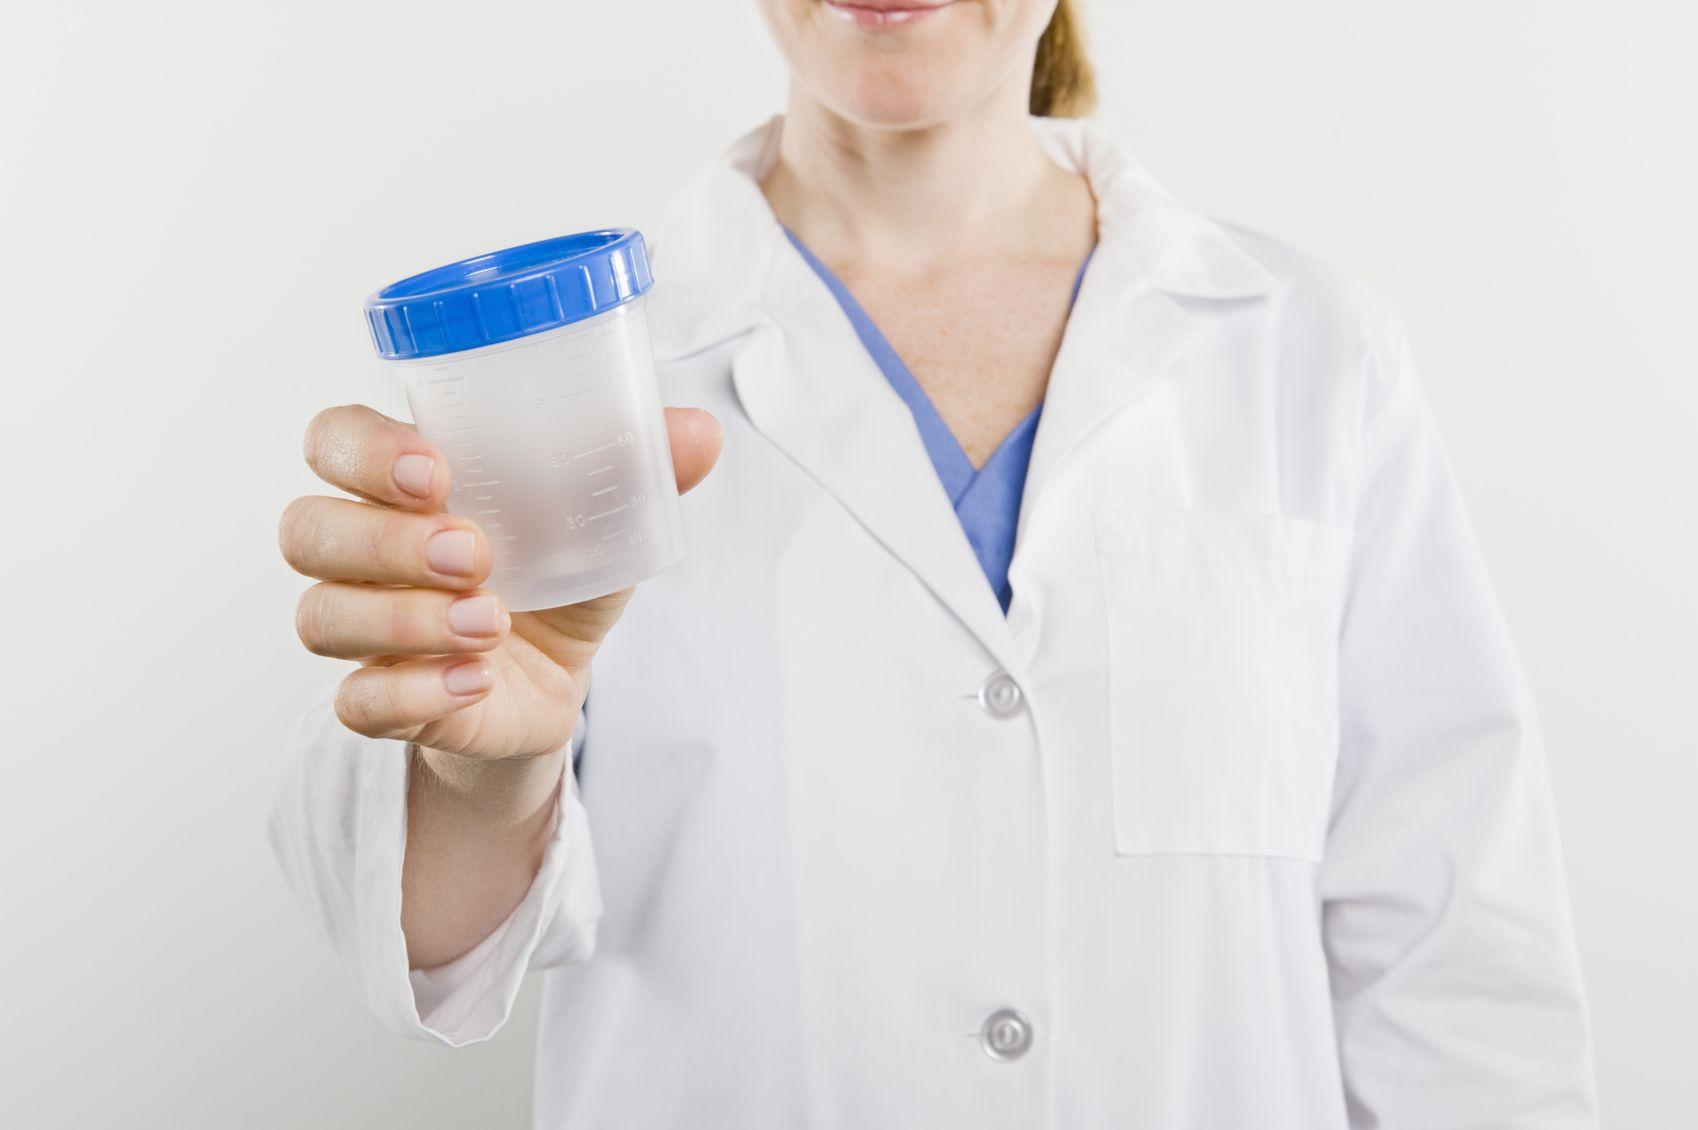 Спермограмма как сдать в домашних условиях